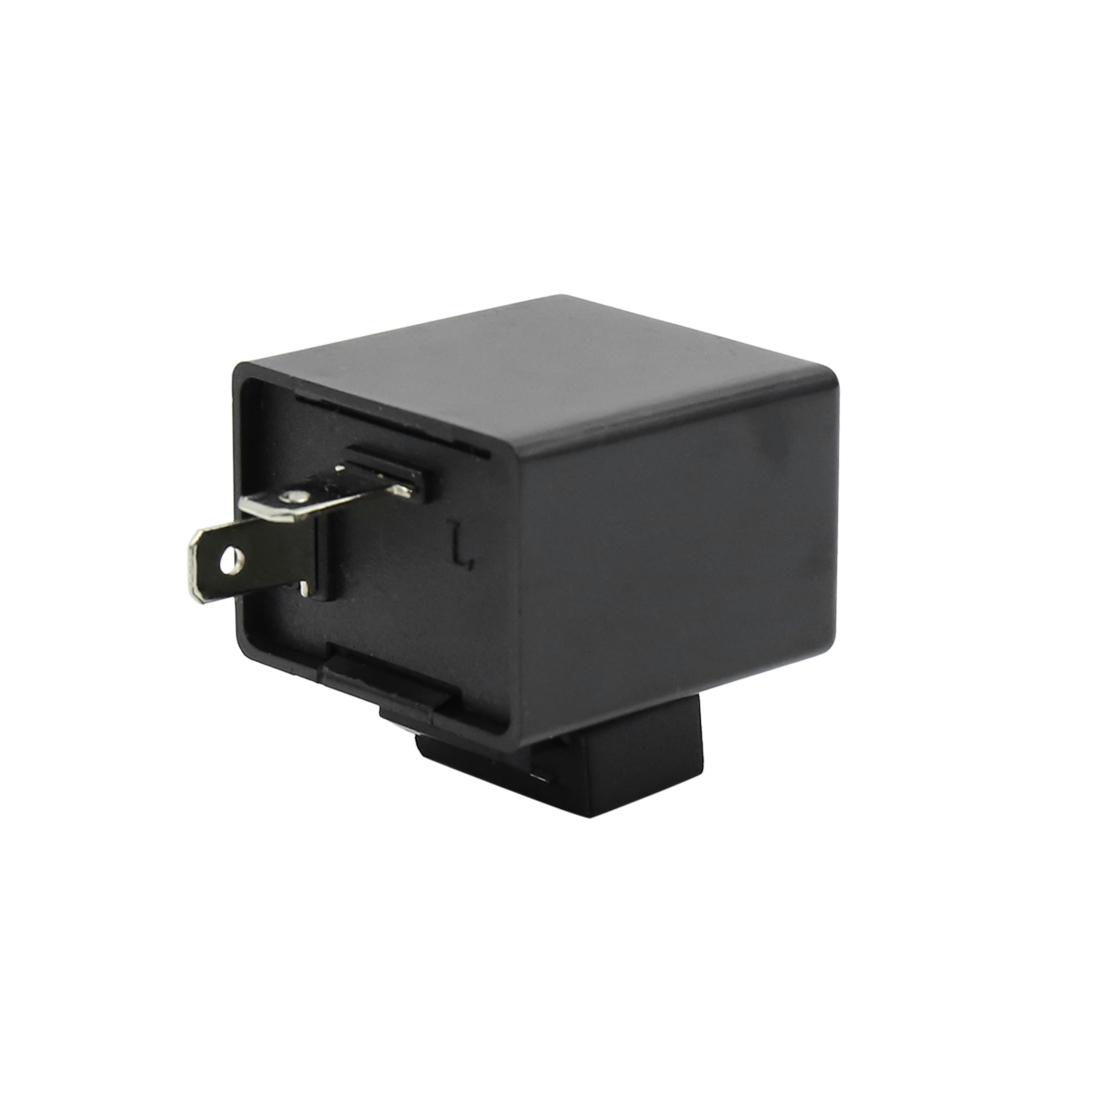 2 Pin Turn Signal Flasher Blinker Relay 12V for Motorcycle LED Indicator Light